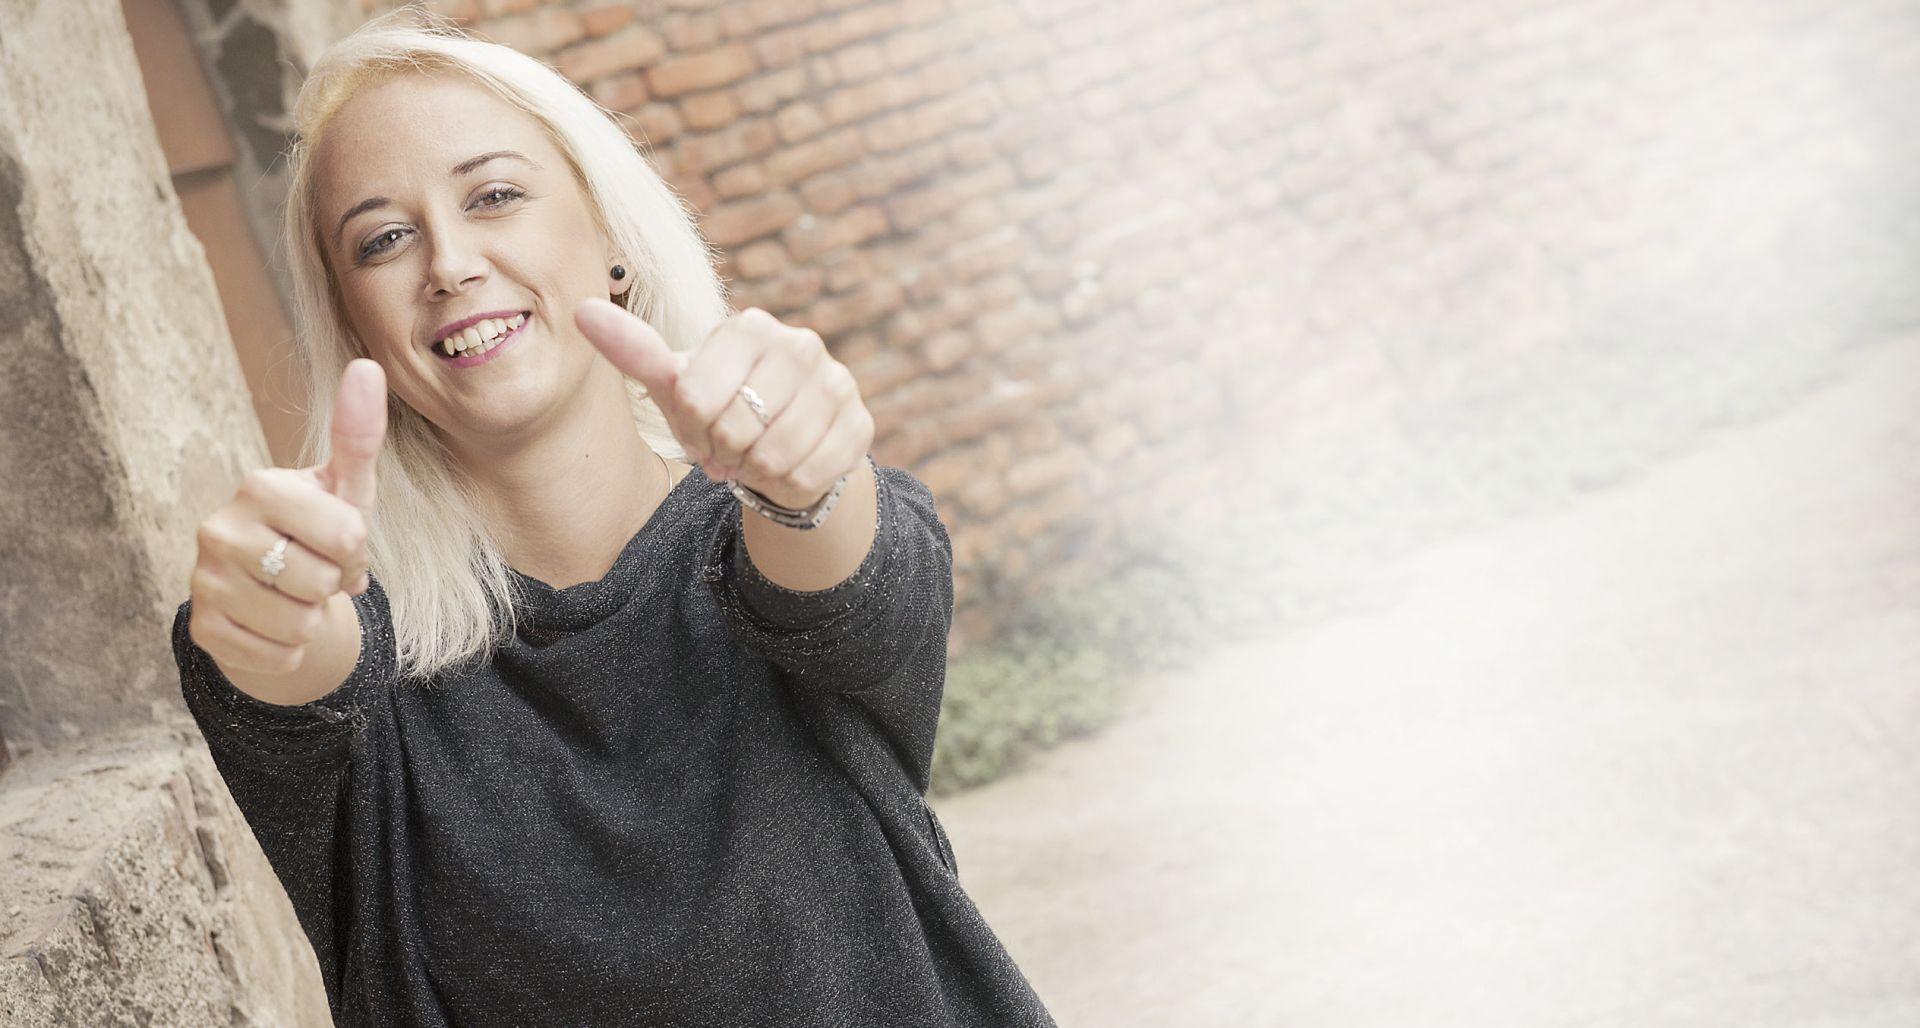 INTERVIEW: SANELA HALILOVIĆ-SASSJA 'Zašto da pričam o nečemu što je bilo prije 20 godina, a meni je 28'